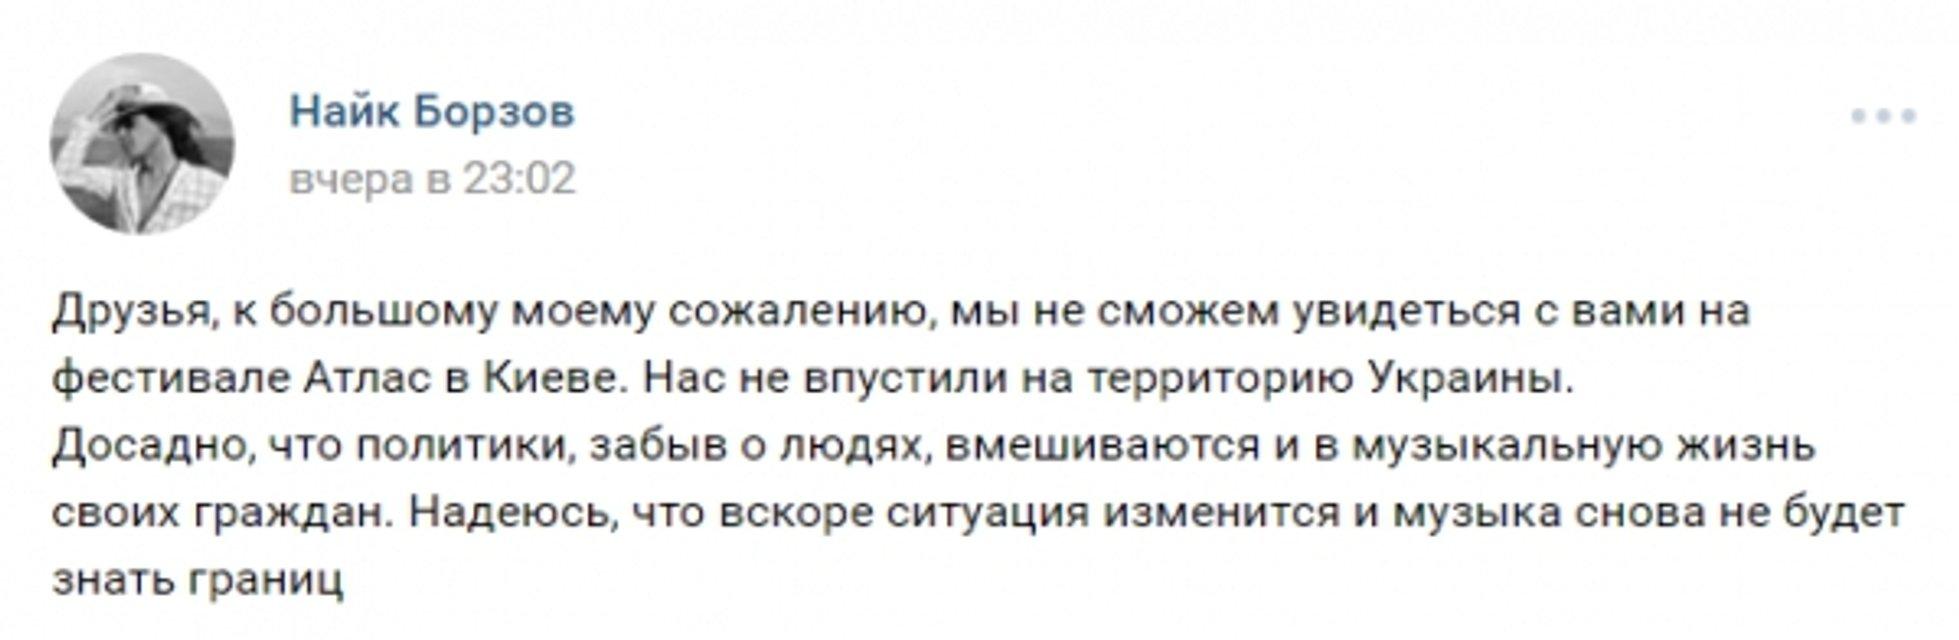 Черный список: Российские артисты, которым запрещен въезд в Украину - фото 58934